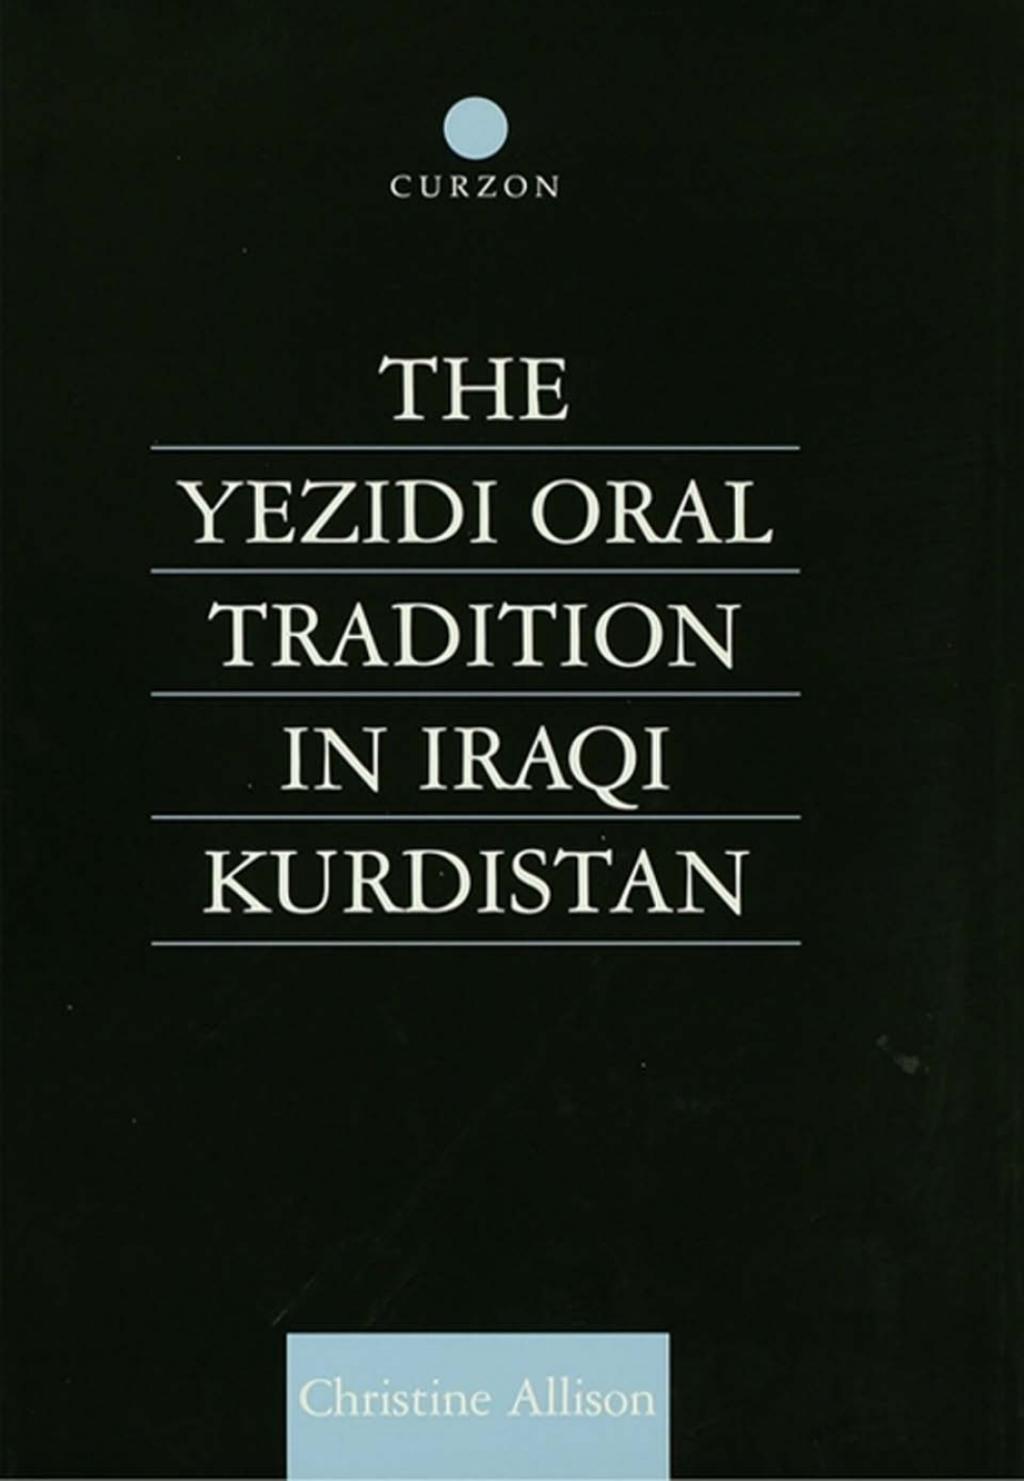 The Yezidi Oral Tradition in Iraqi Kurdistan (eBook Rental)